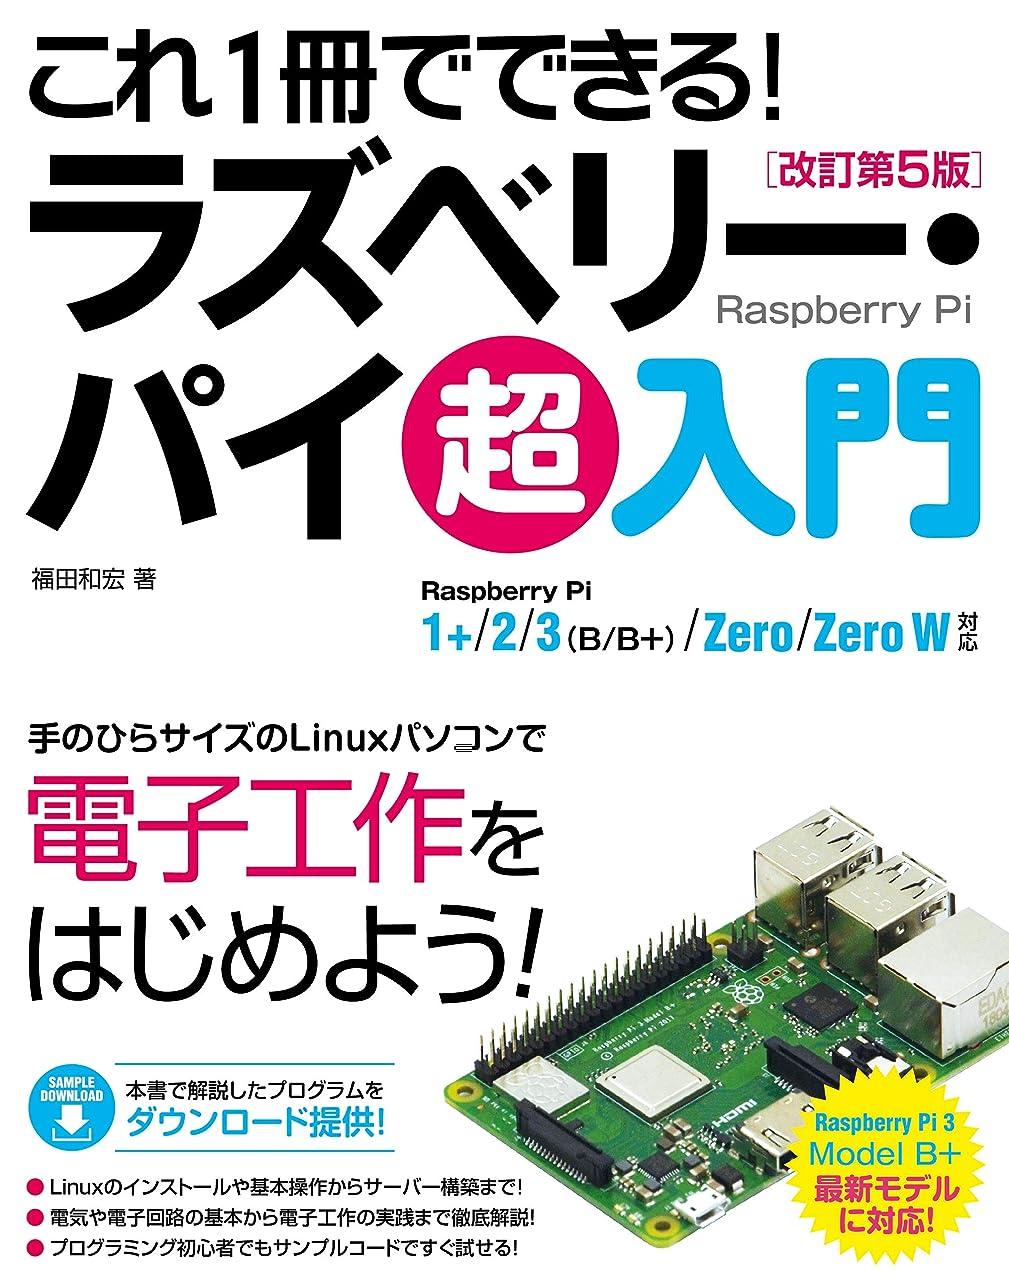 わずかに盲目考古学これ1冊でできる! ラズベリー?パイ 超入門 改訂第5版 Raspberry Pi 1+/2/3(B / B+)/Zero/Zero W対応